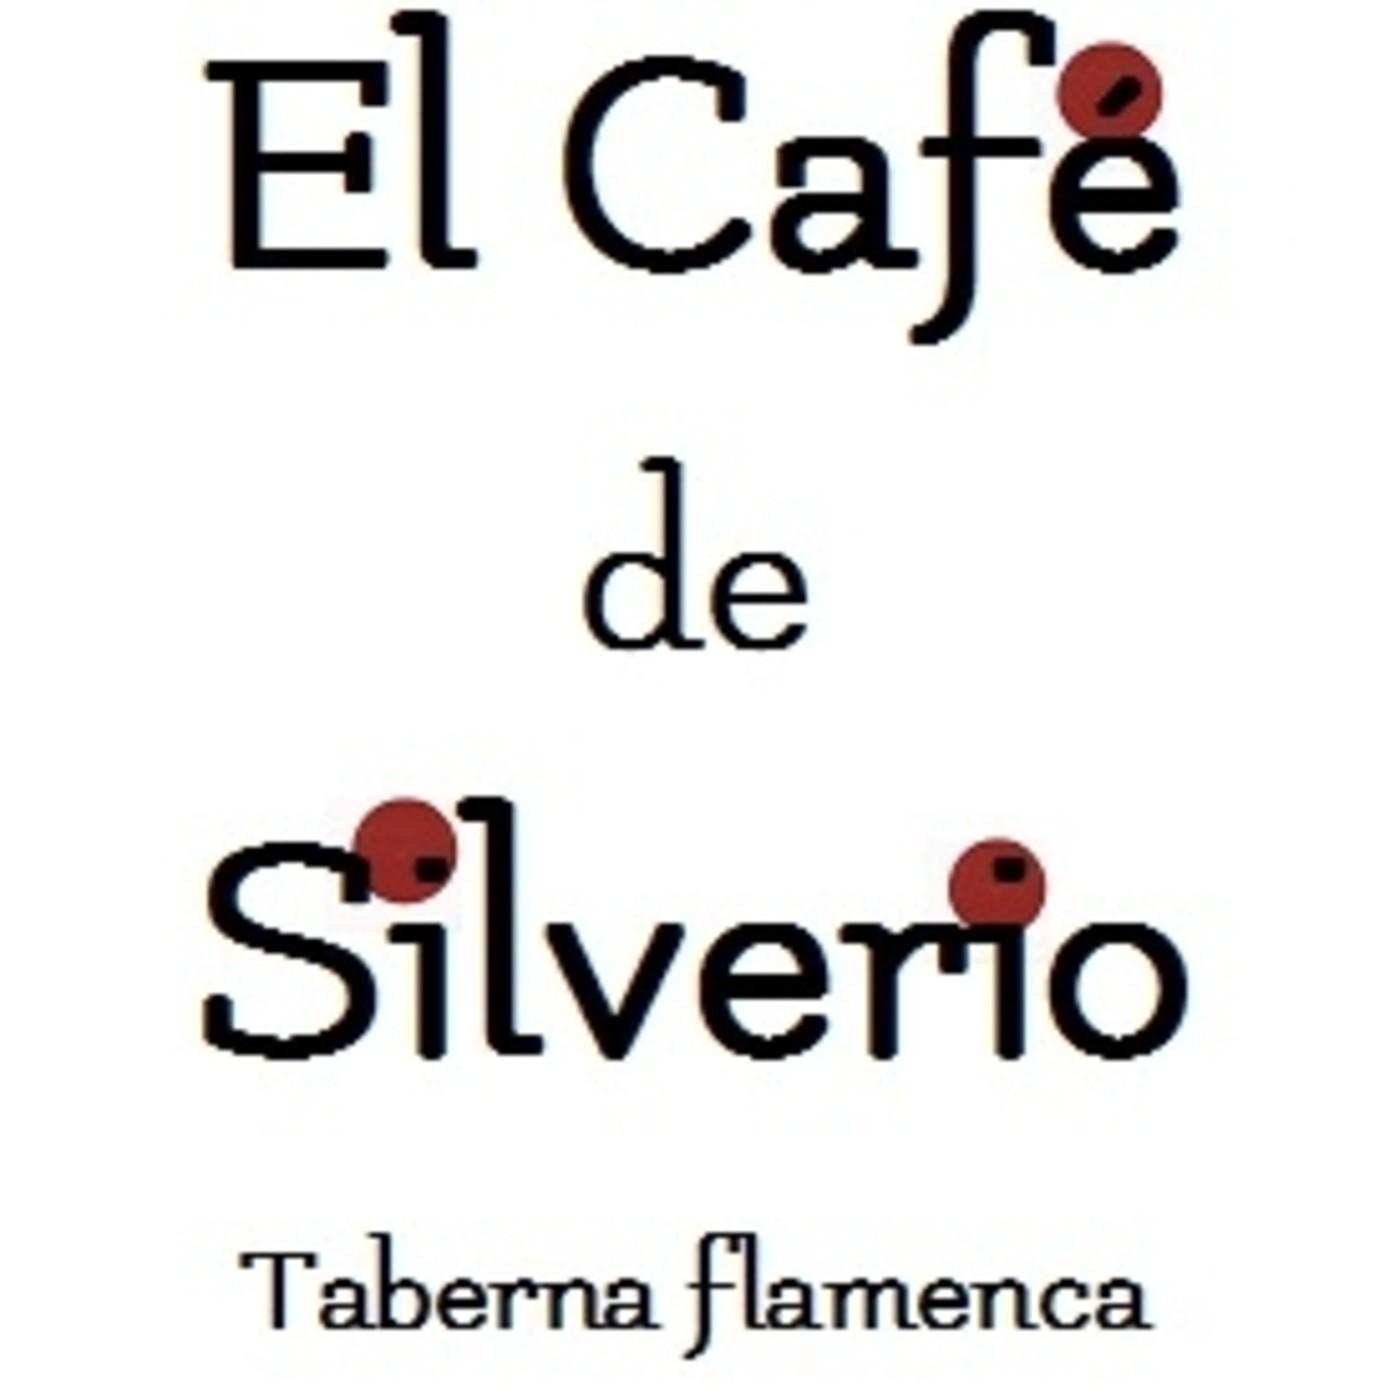 El café de Silverio - Taberna flamenca